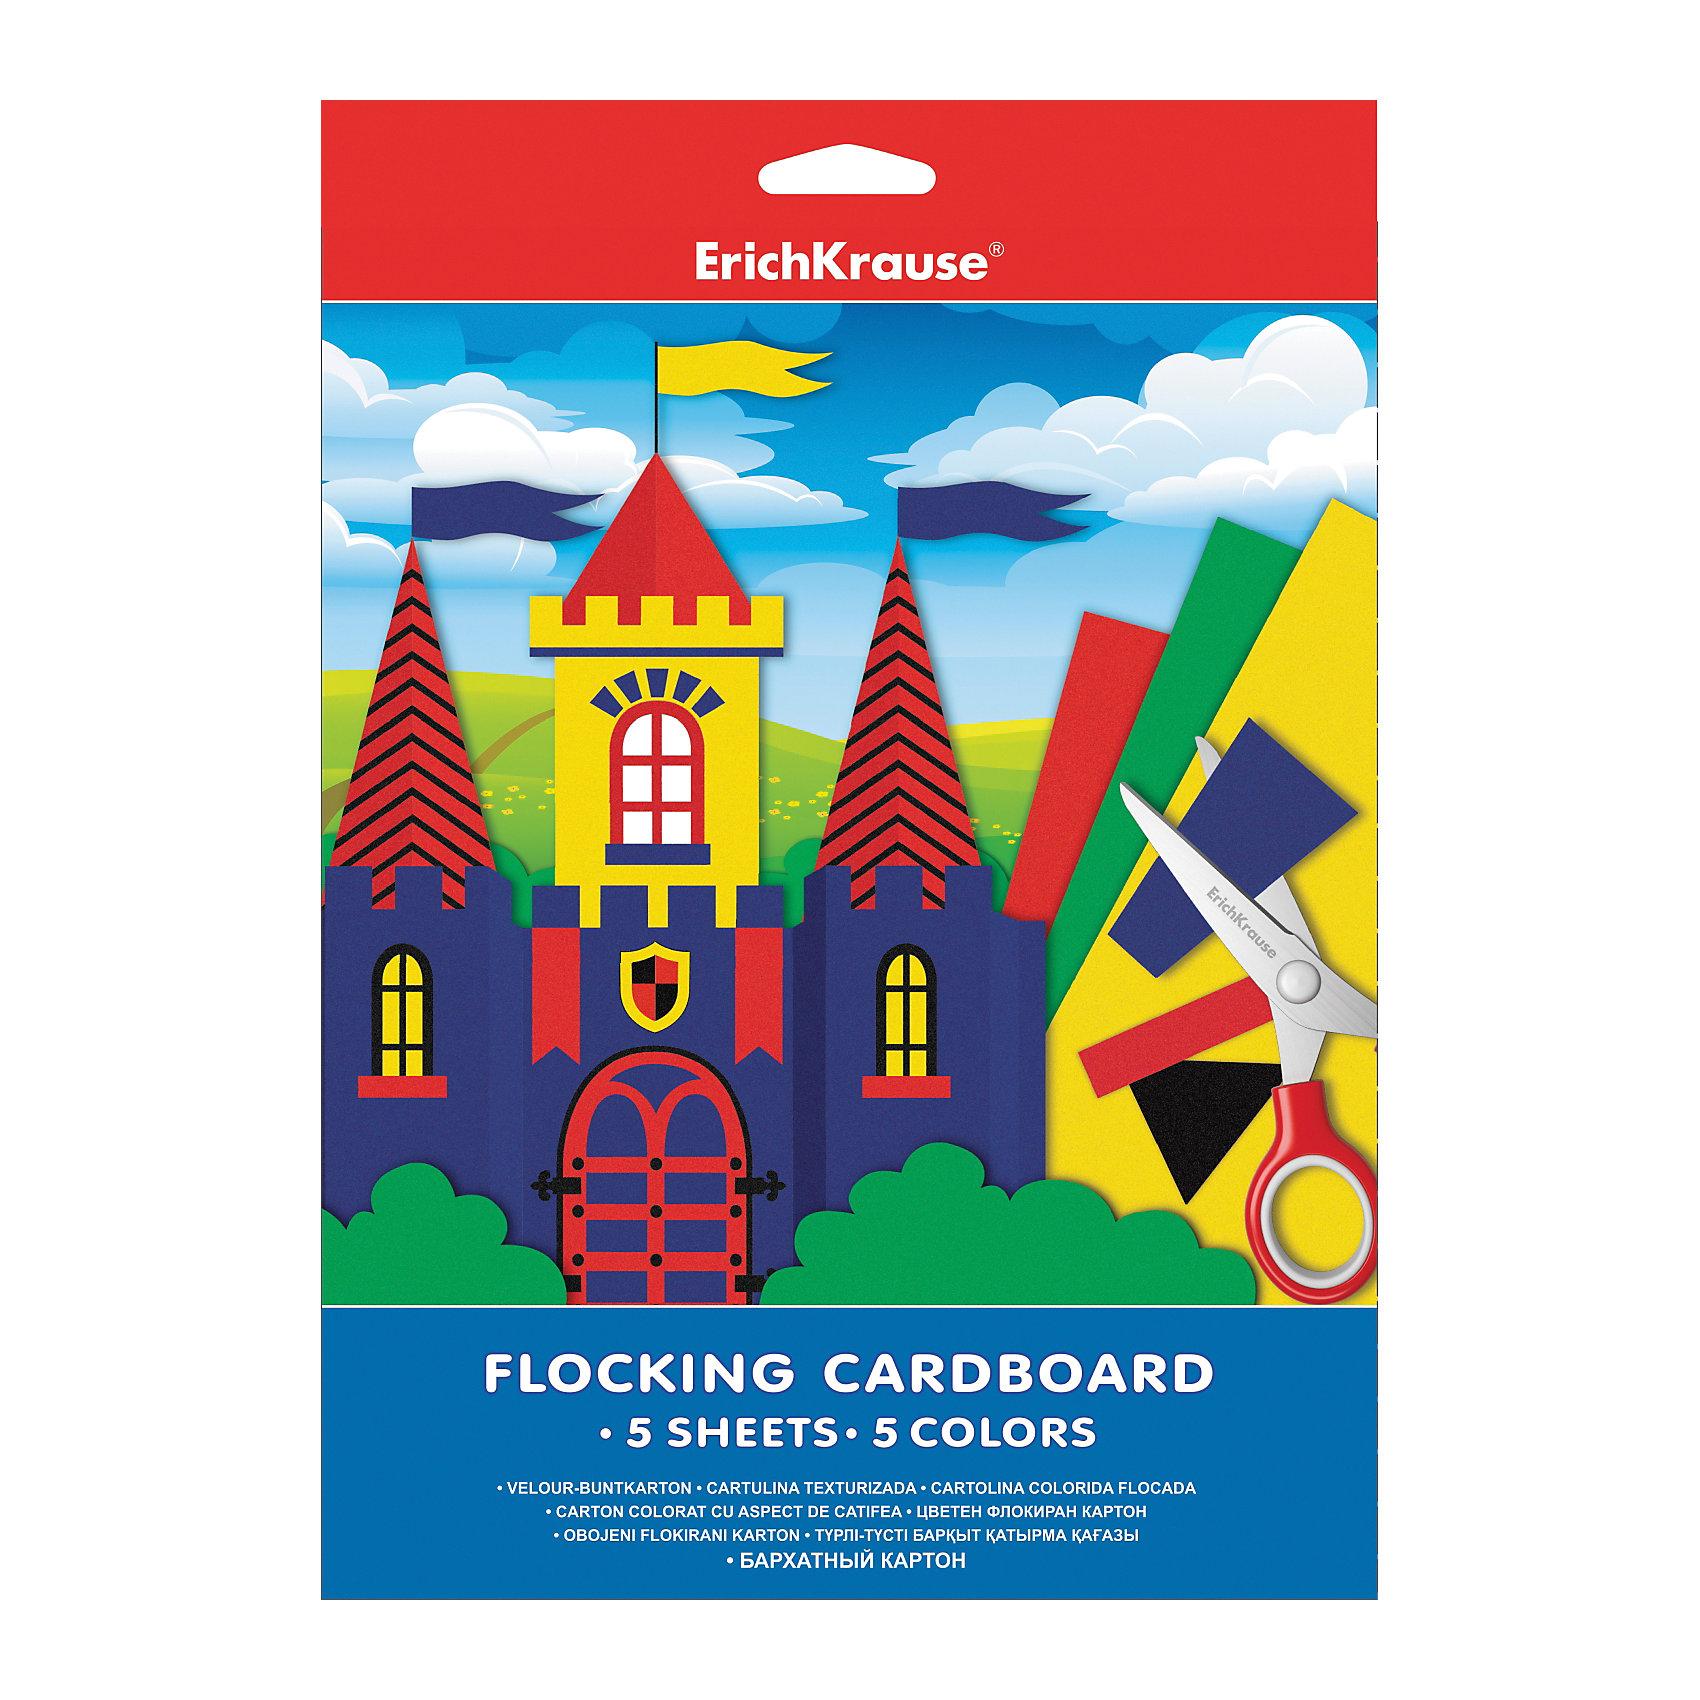 Бархатный картон А4 (5 листов, 5 цветов)Бумажная продукция<br>Бархатный картон идеально подходит для оригинальных красочных и объемных поделок. Он имеет бархатистую структуру, приятную наощупь,  отлично дополняет любую работу, придавая ей особый, торжественный вид.<br><br>Дополнительная информация:<br><br>- Материал: бумага, картон.<br>- Формат: А4.<br>- Количество листов: 5<br>- Количество цветов: 5<br><br>Бархатный картон А4 (5 листов, 5 цветов) можно купить в нашем магазине.<br><br>Ширина мм: 210<br>Глубина мм: 280<br>Высота мм: 5<br>Вес г: 128<br>Возраст от месяцев: 36<br>Возраст до месяцев: 108<br>Пол: Унисекс<br>Возраст: Детский<br>SKU: 4379664